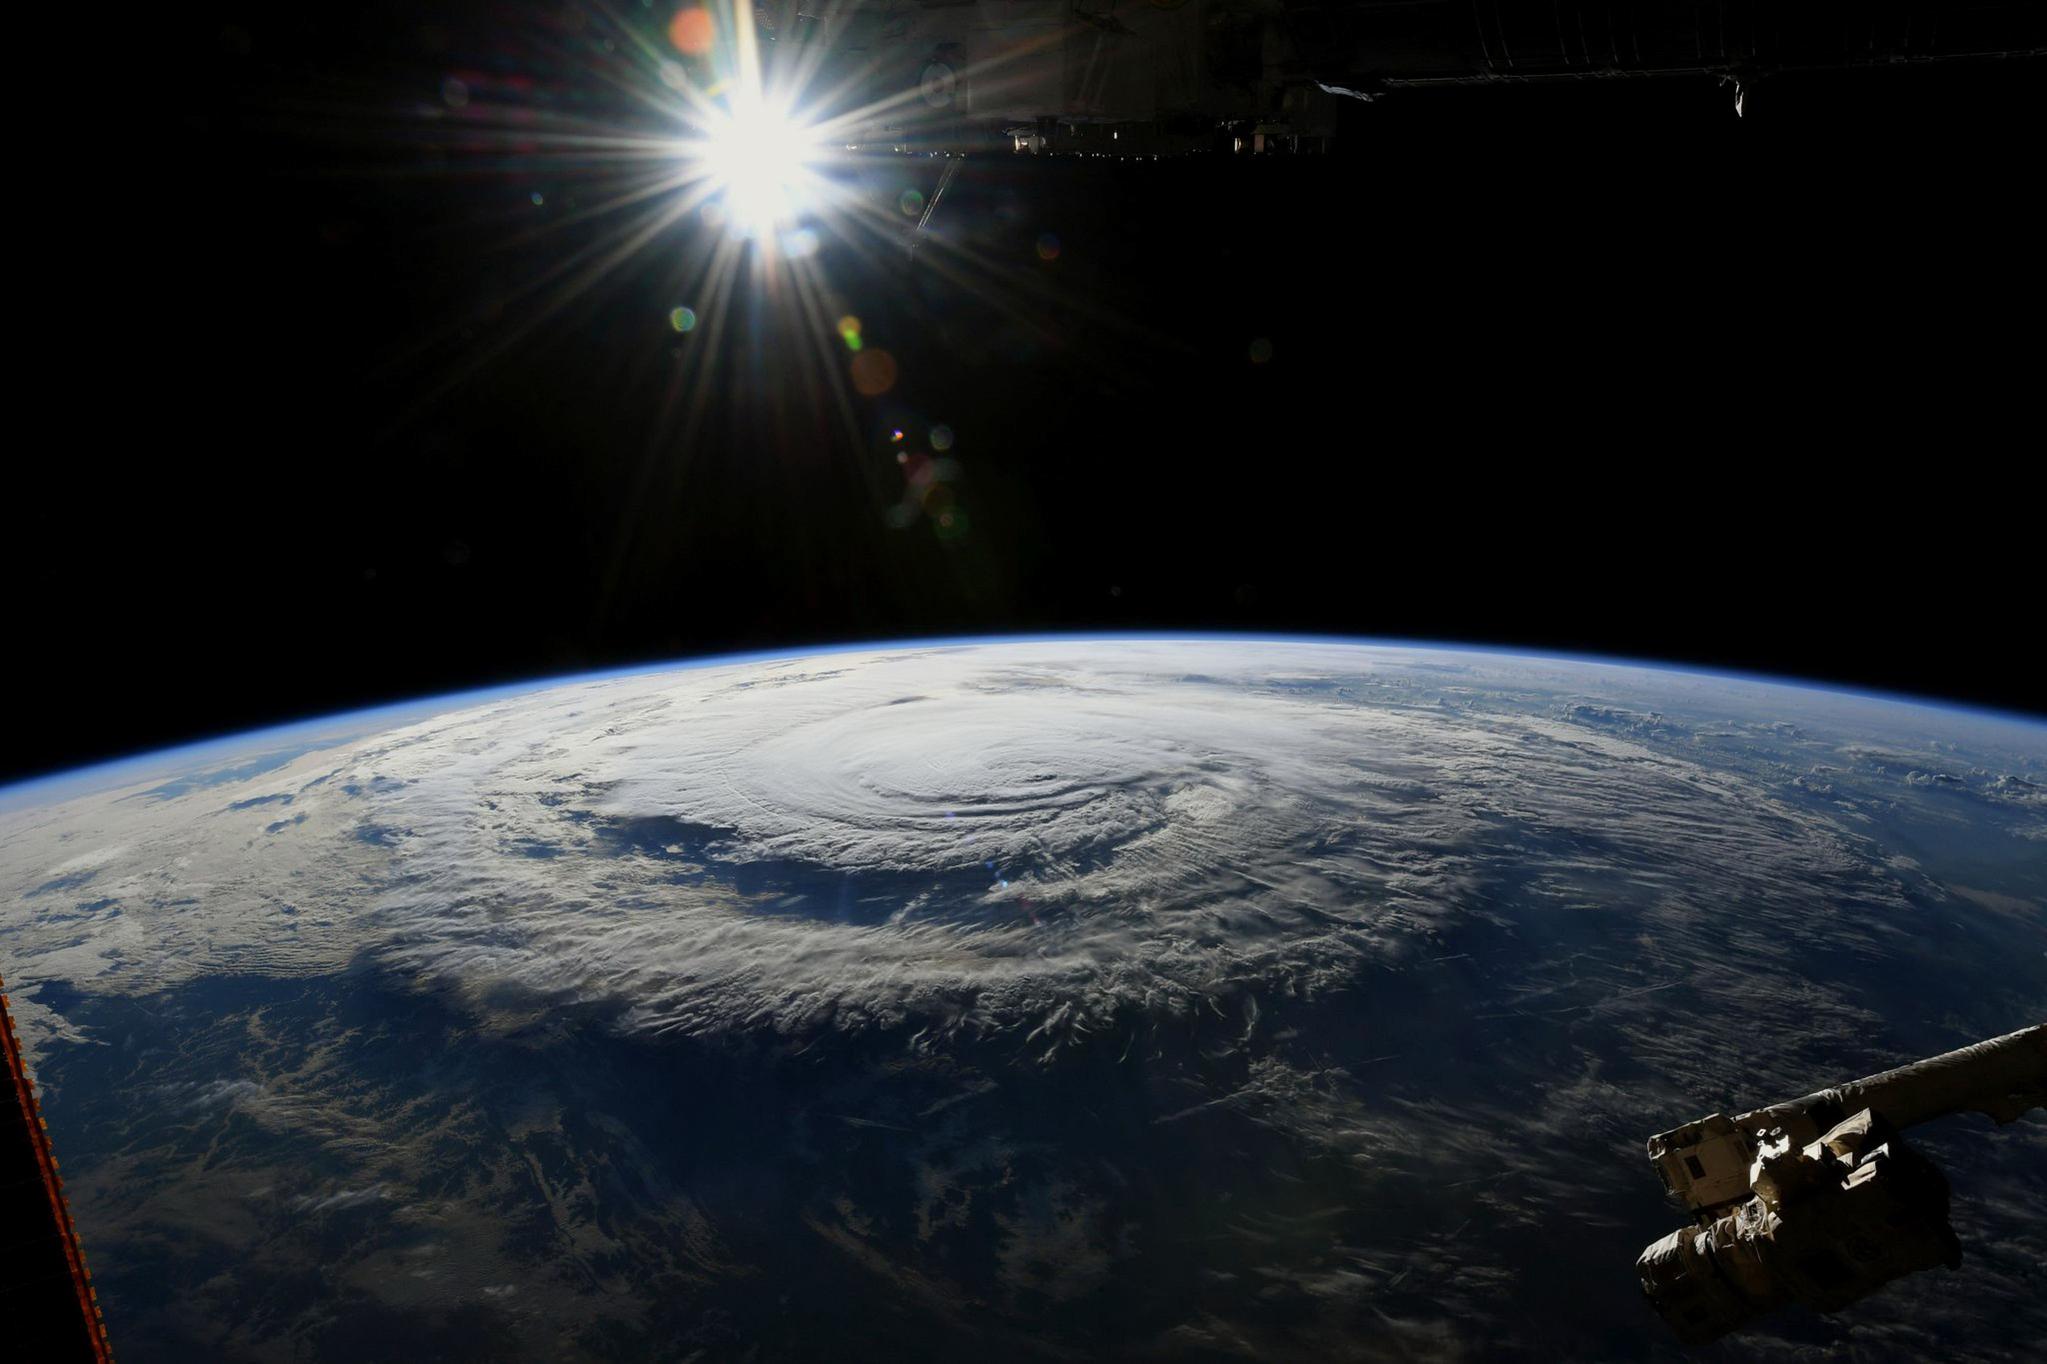 14일 현재 허리케인 플로렌스를 국제우주정거장에서 촬영한 모습. 우주비행사 릭키 아놀드가 촬영했다. [NASA / AFP=연합뉴스]